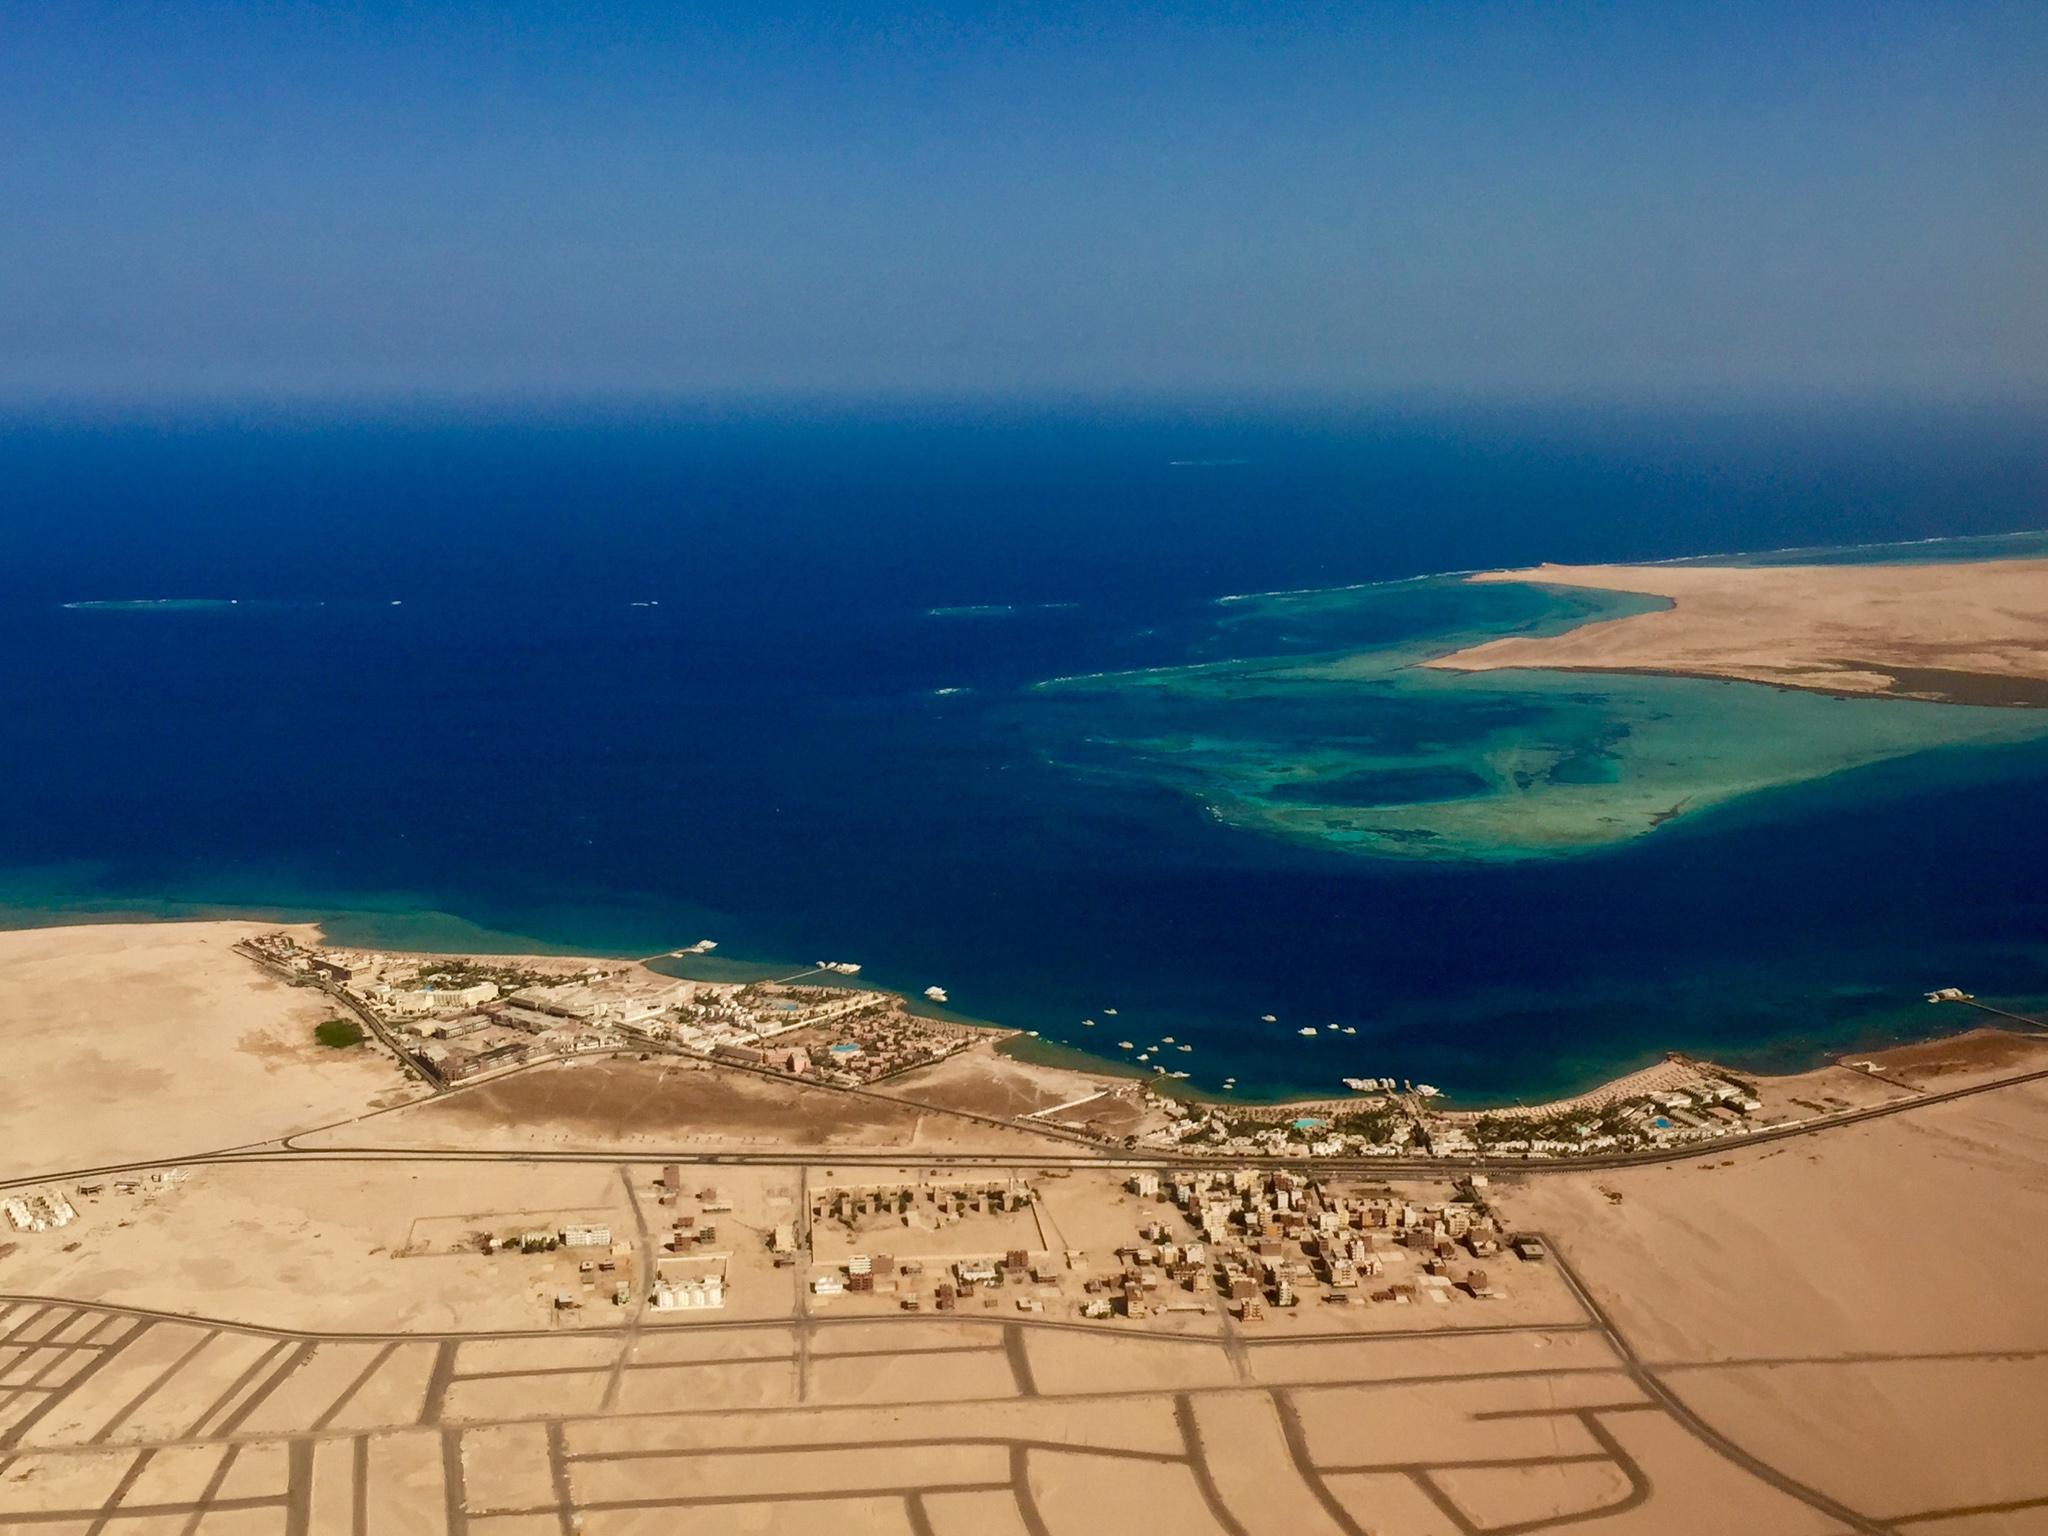 Herrliche Riffe und perfekte Tauchbedingungen erwarten alle, die sich nach Ägypten trauen. Foto: Sascha Tegtmeyer